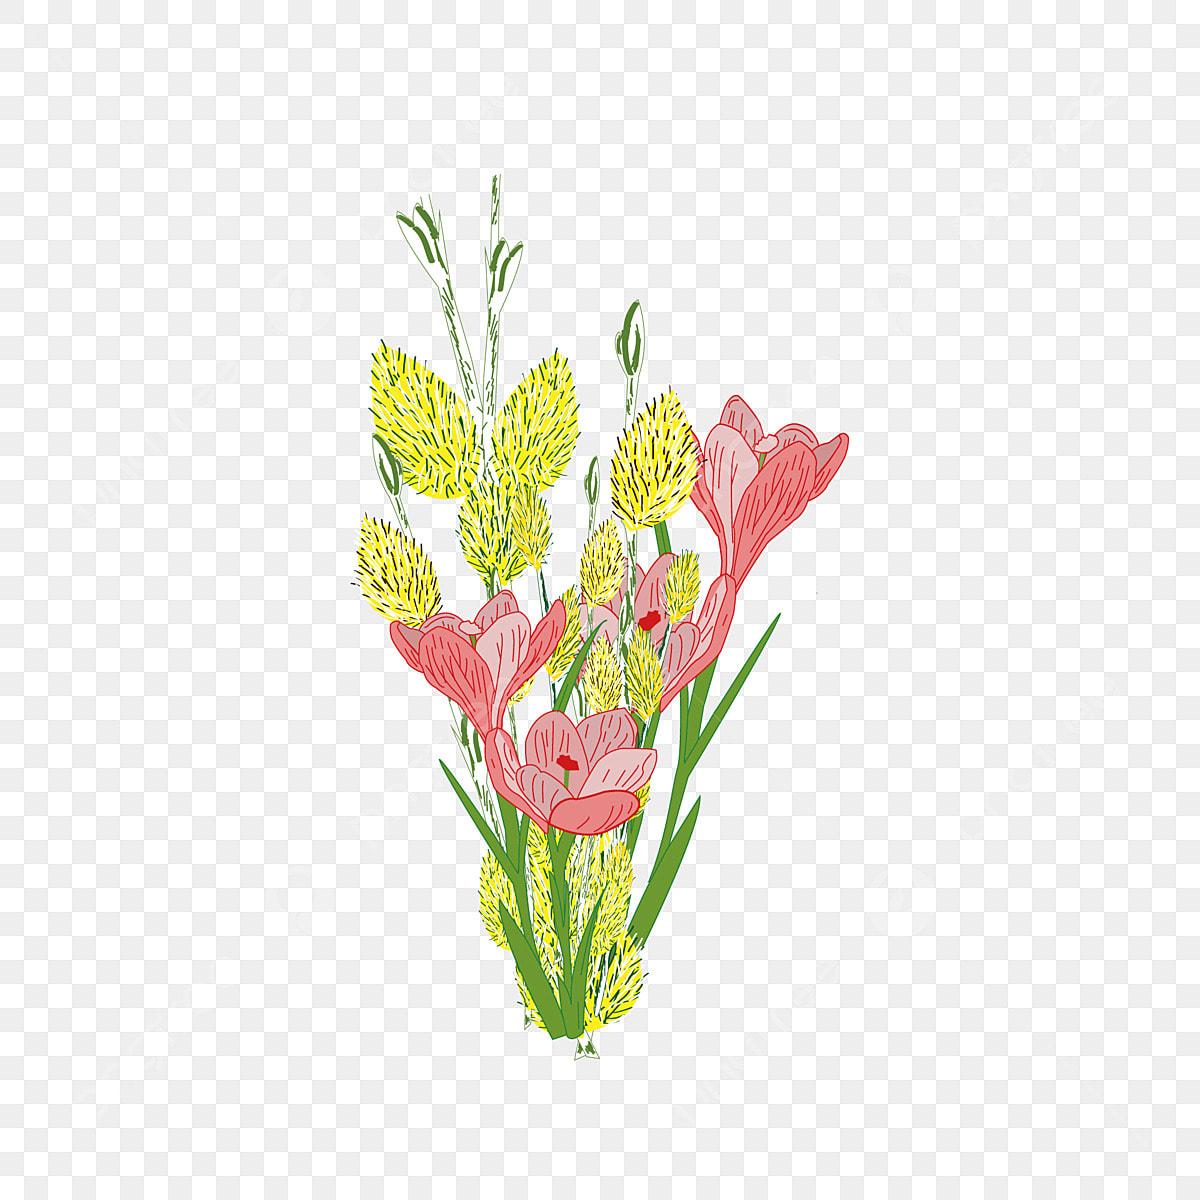 Fleur Réaliste De Dessin Animé Vent Dessiné à La Main